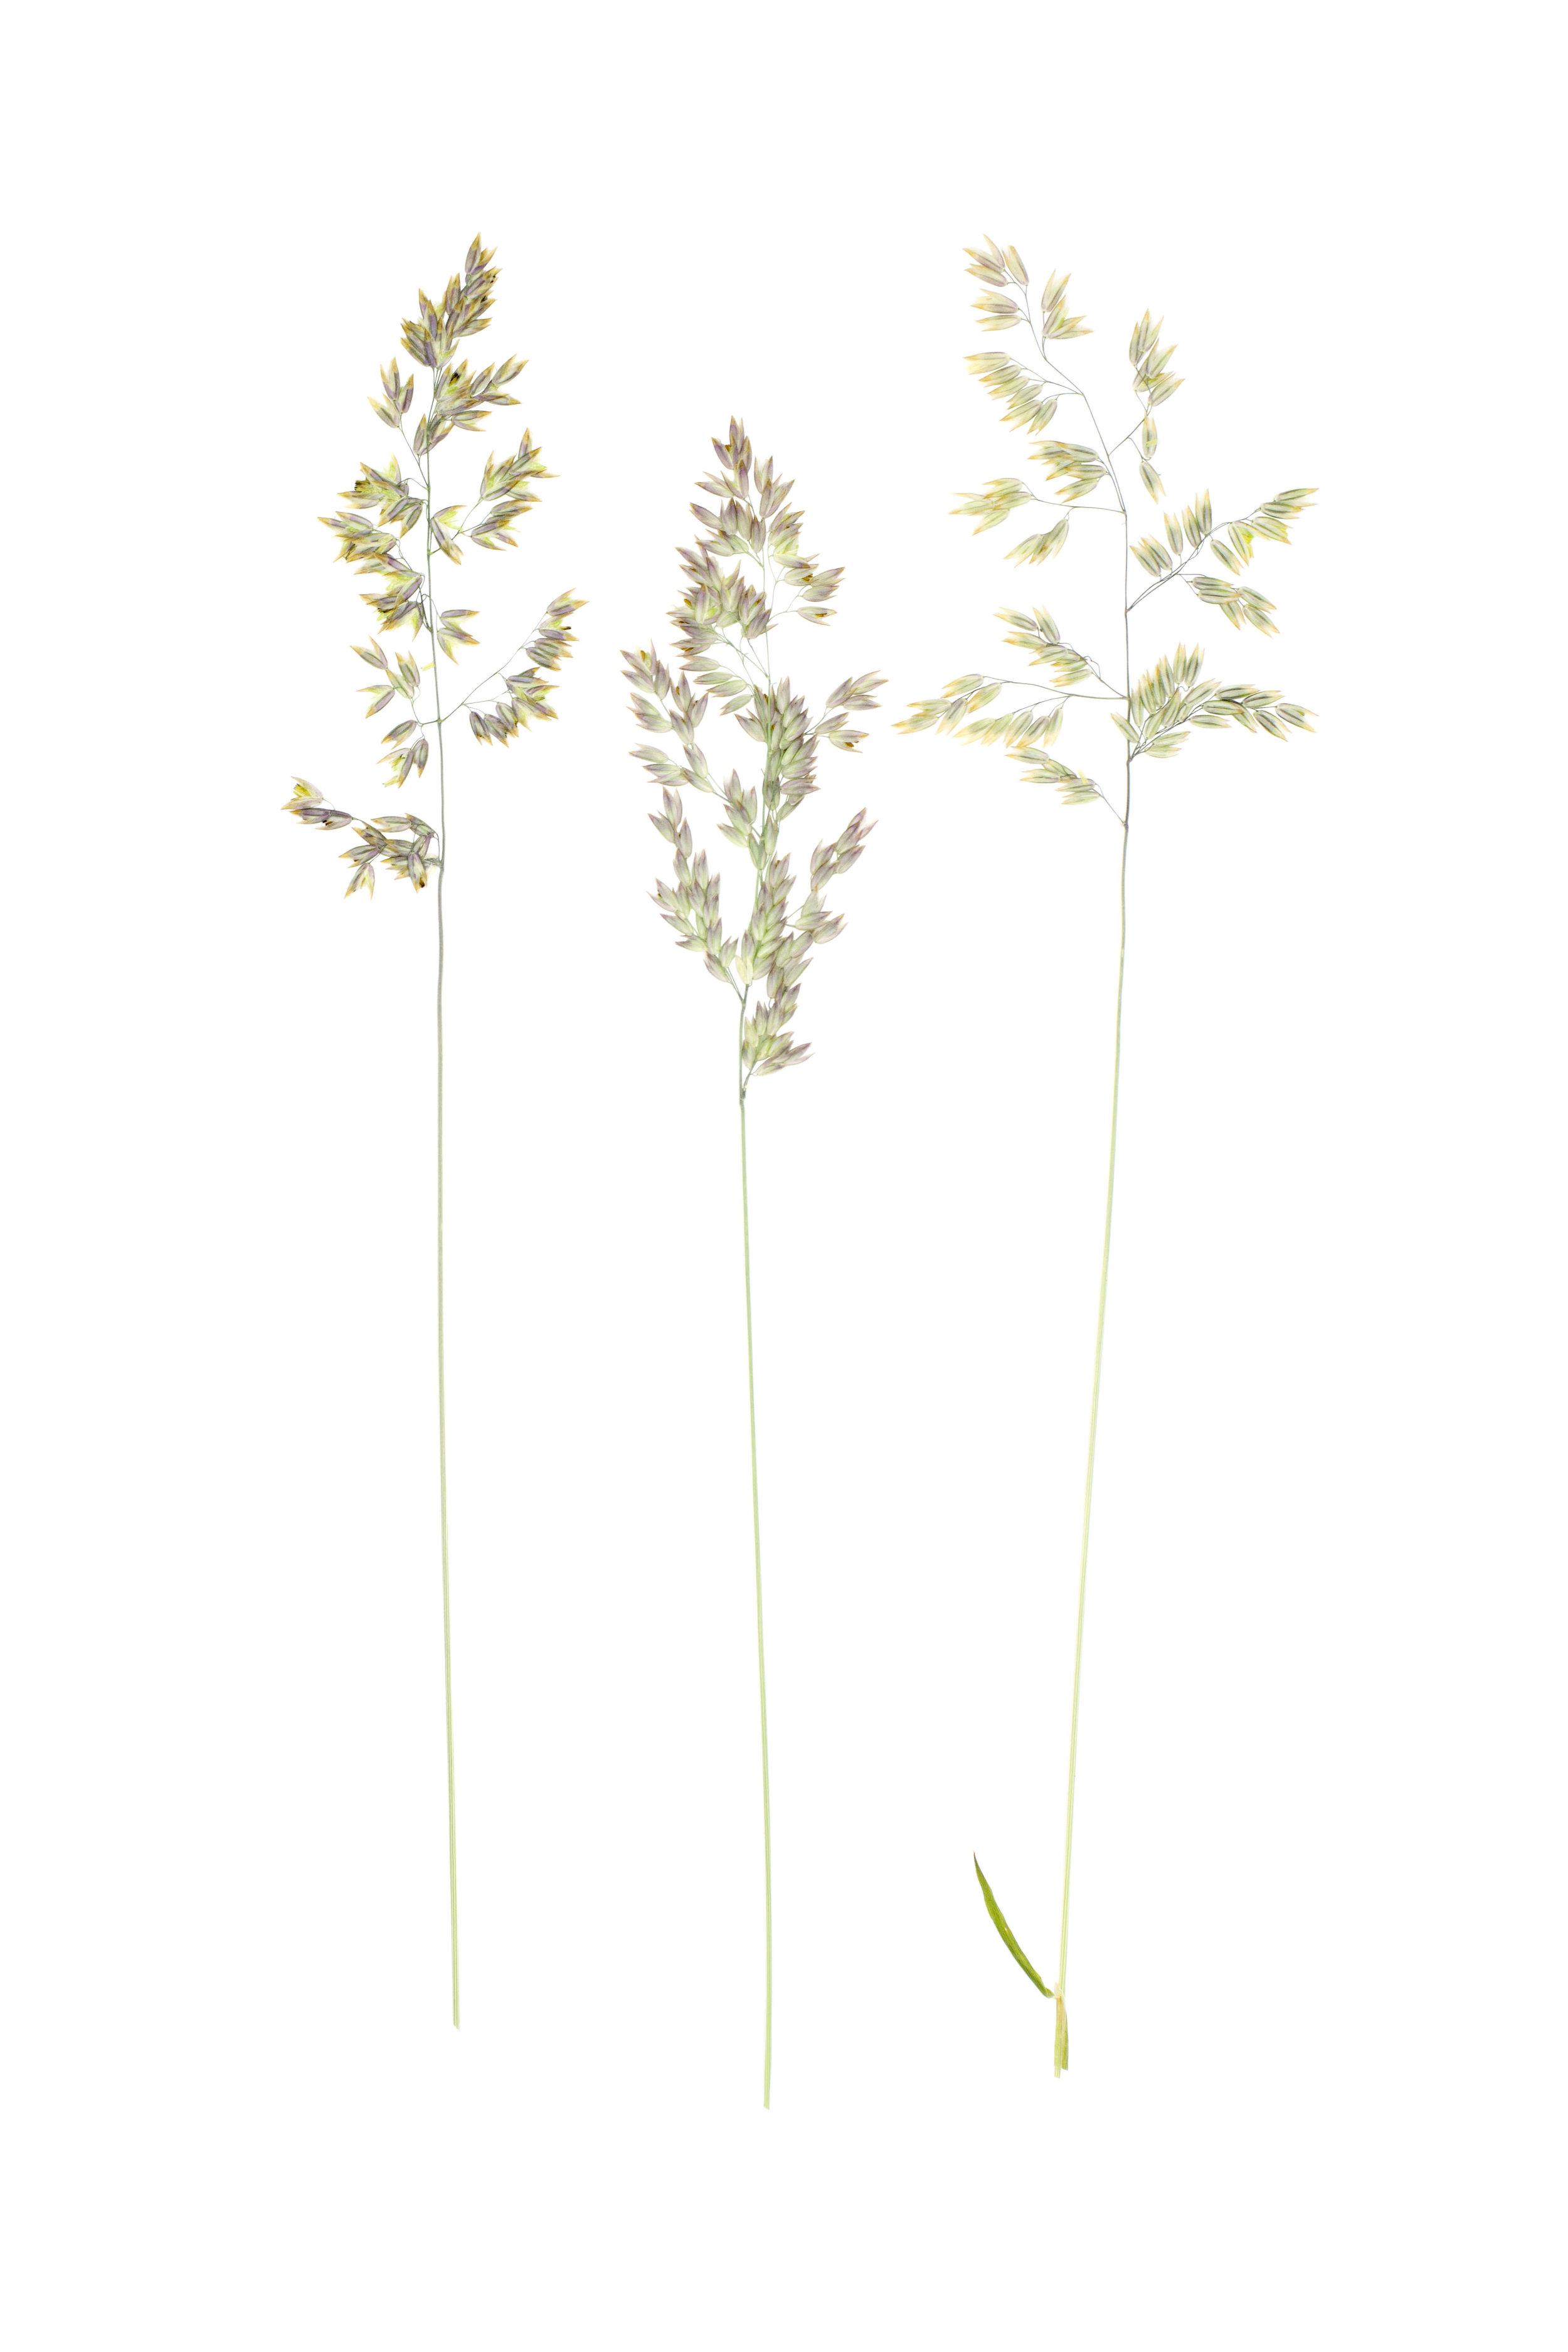 Velvet Grass or Yorkshire Fog / Holcus lanatus